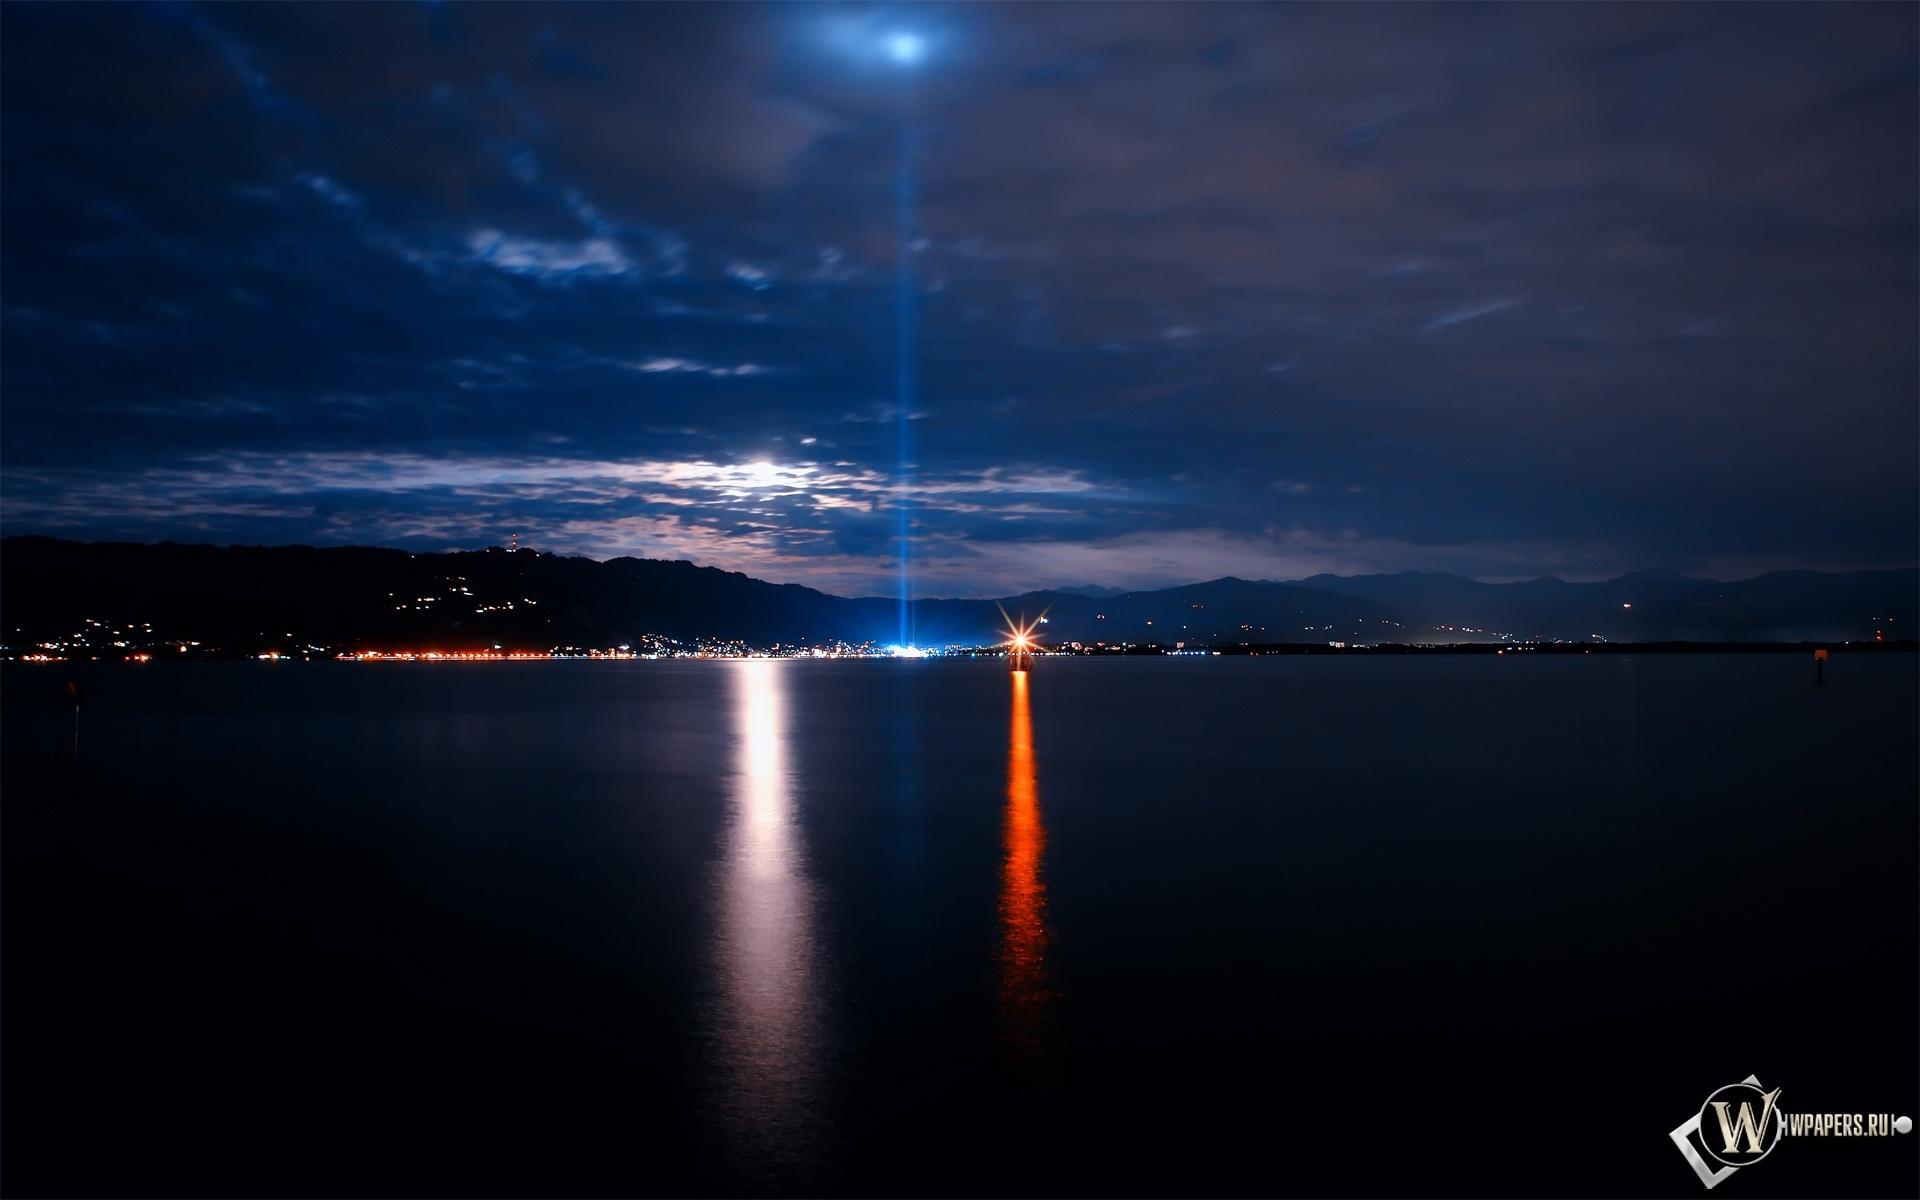 Ночное море 1920x1200